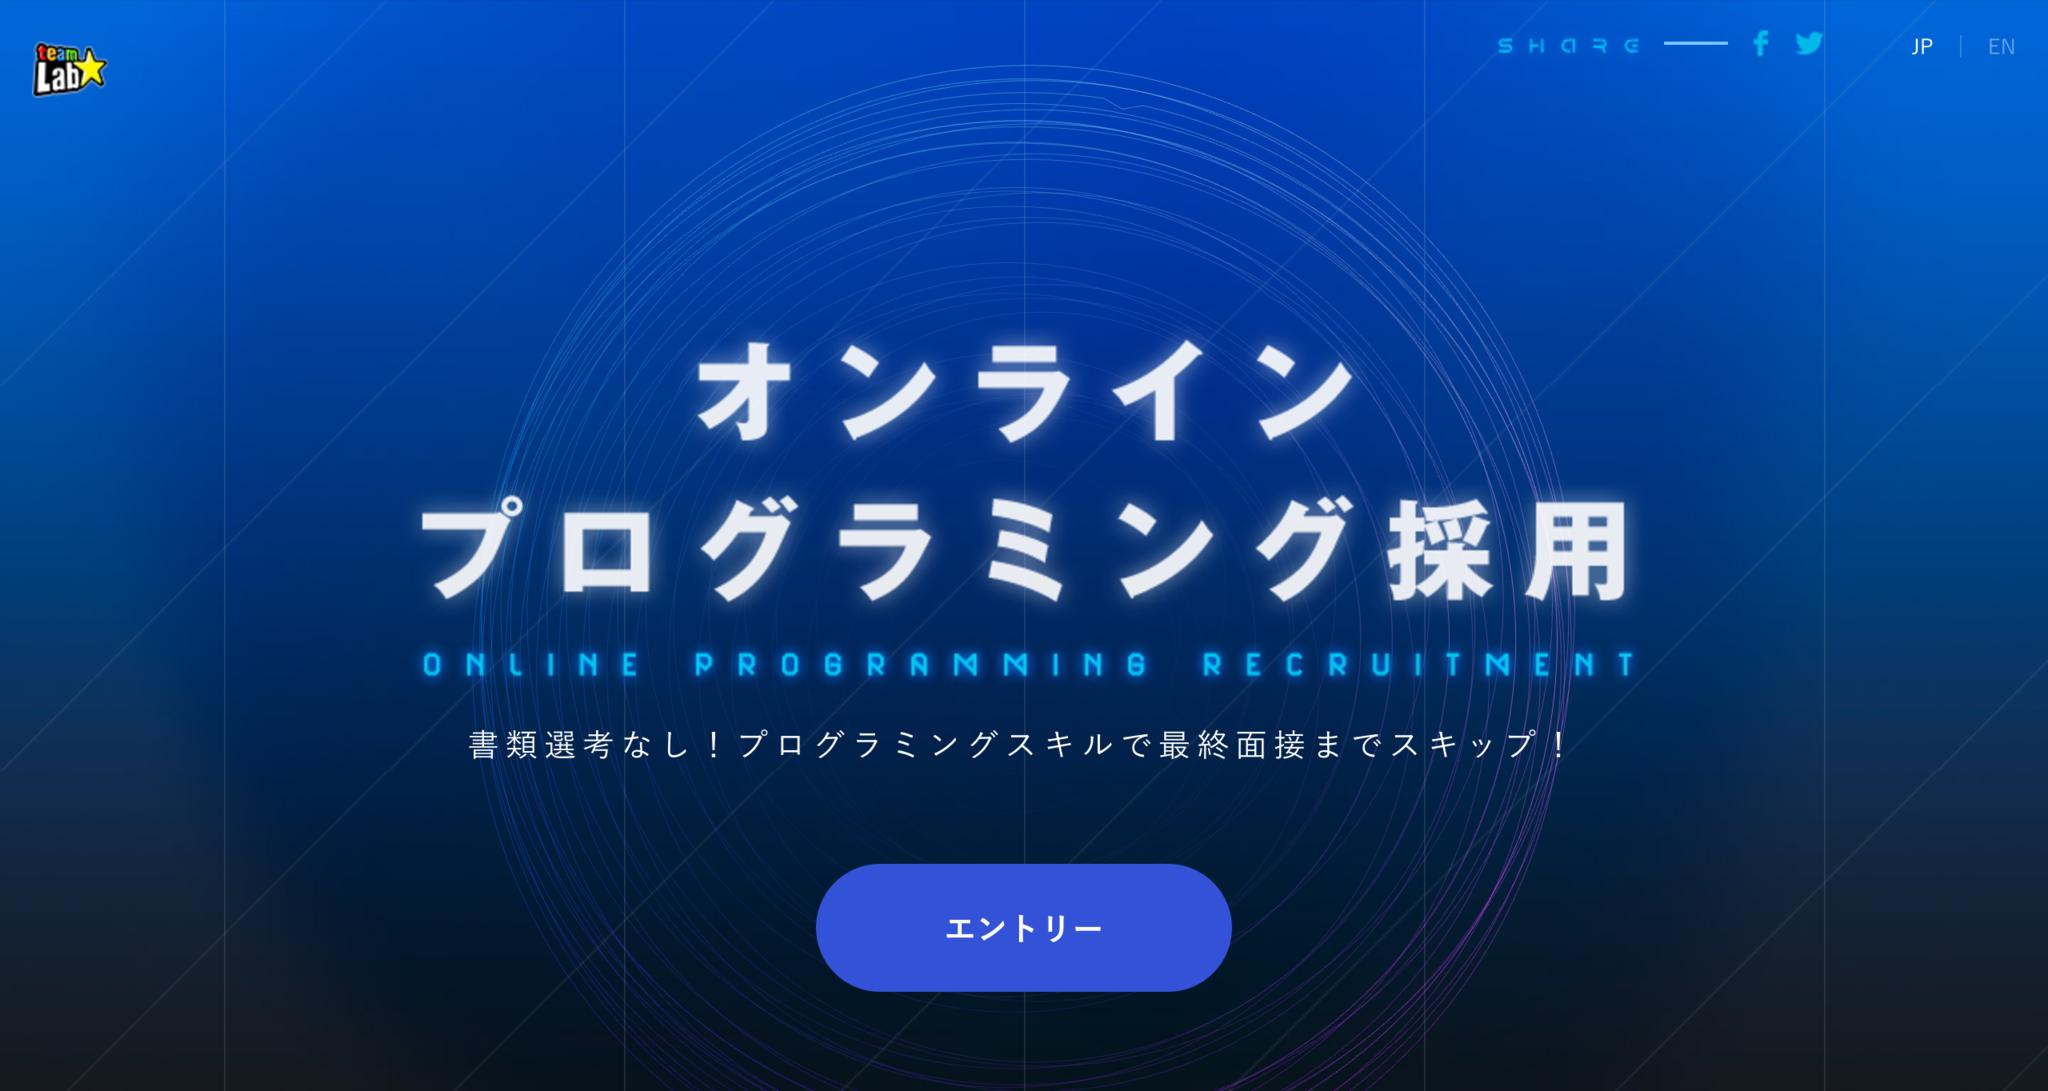 オンライン・プログラミング採用___チームラボ.png